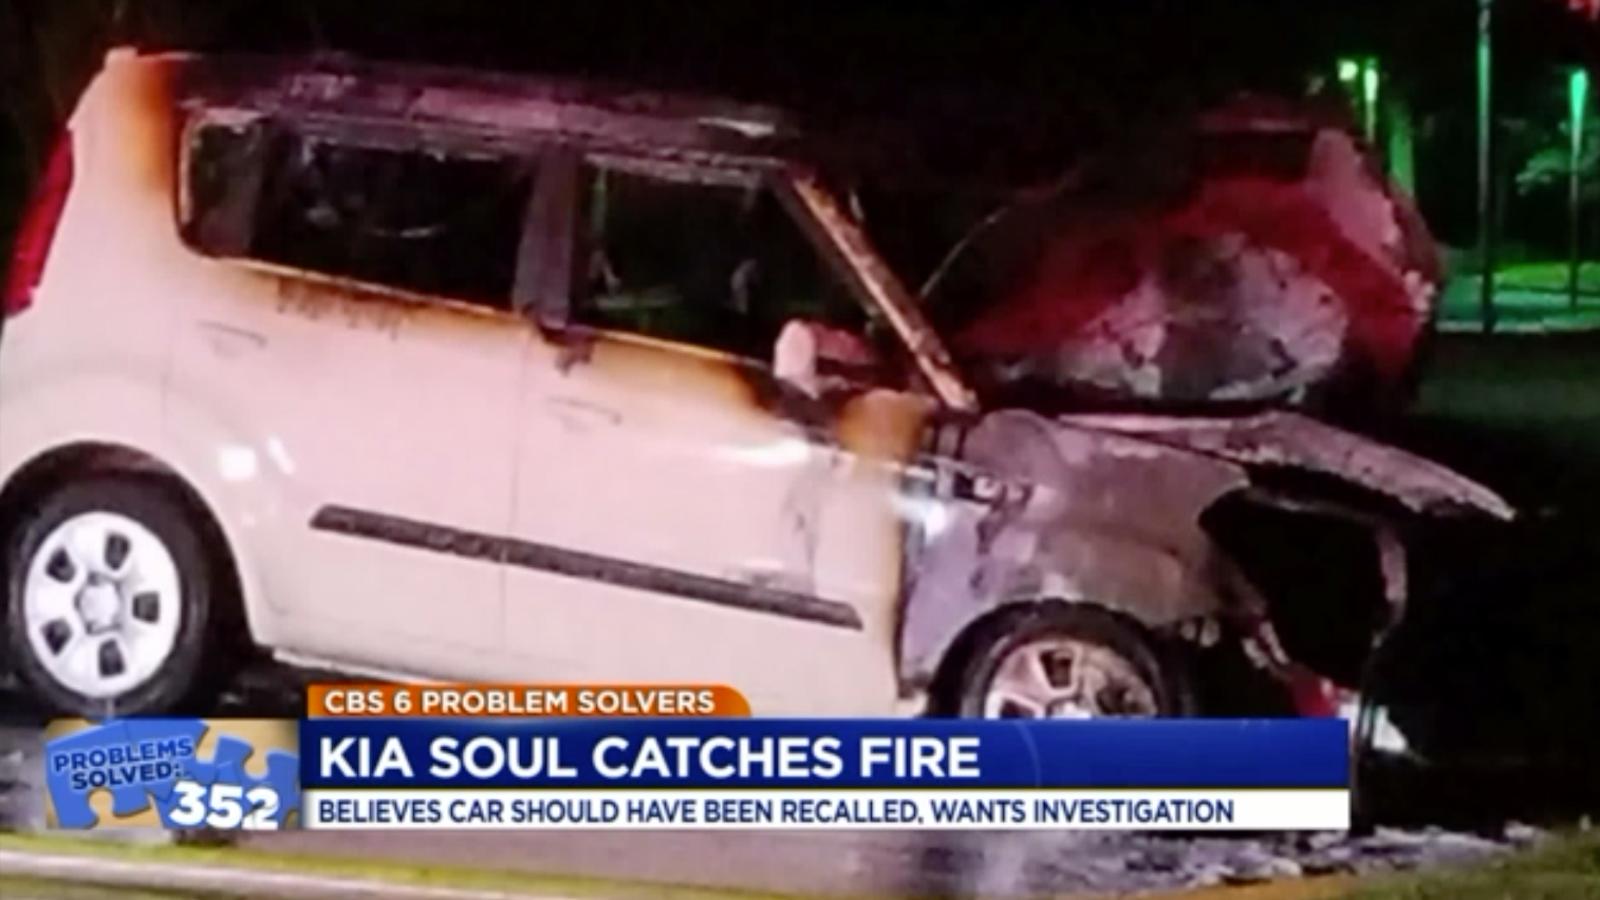 Hyundai, Kia Recall 200,000 Vehicles for Fire Risk, Nearly 4